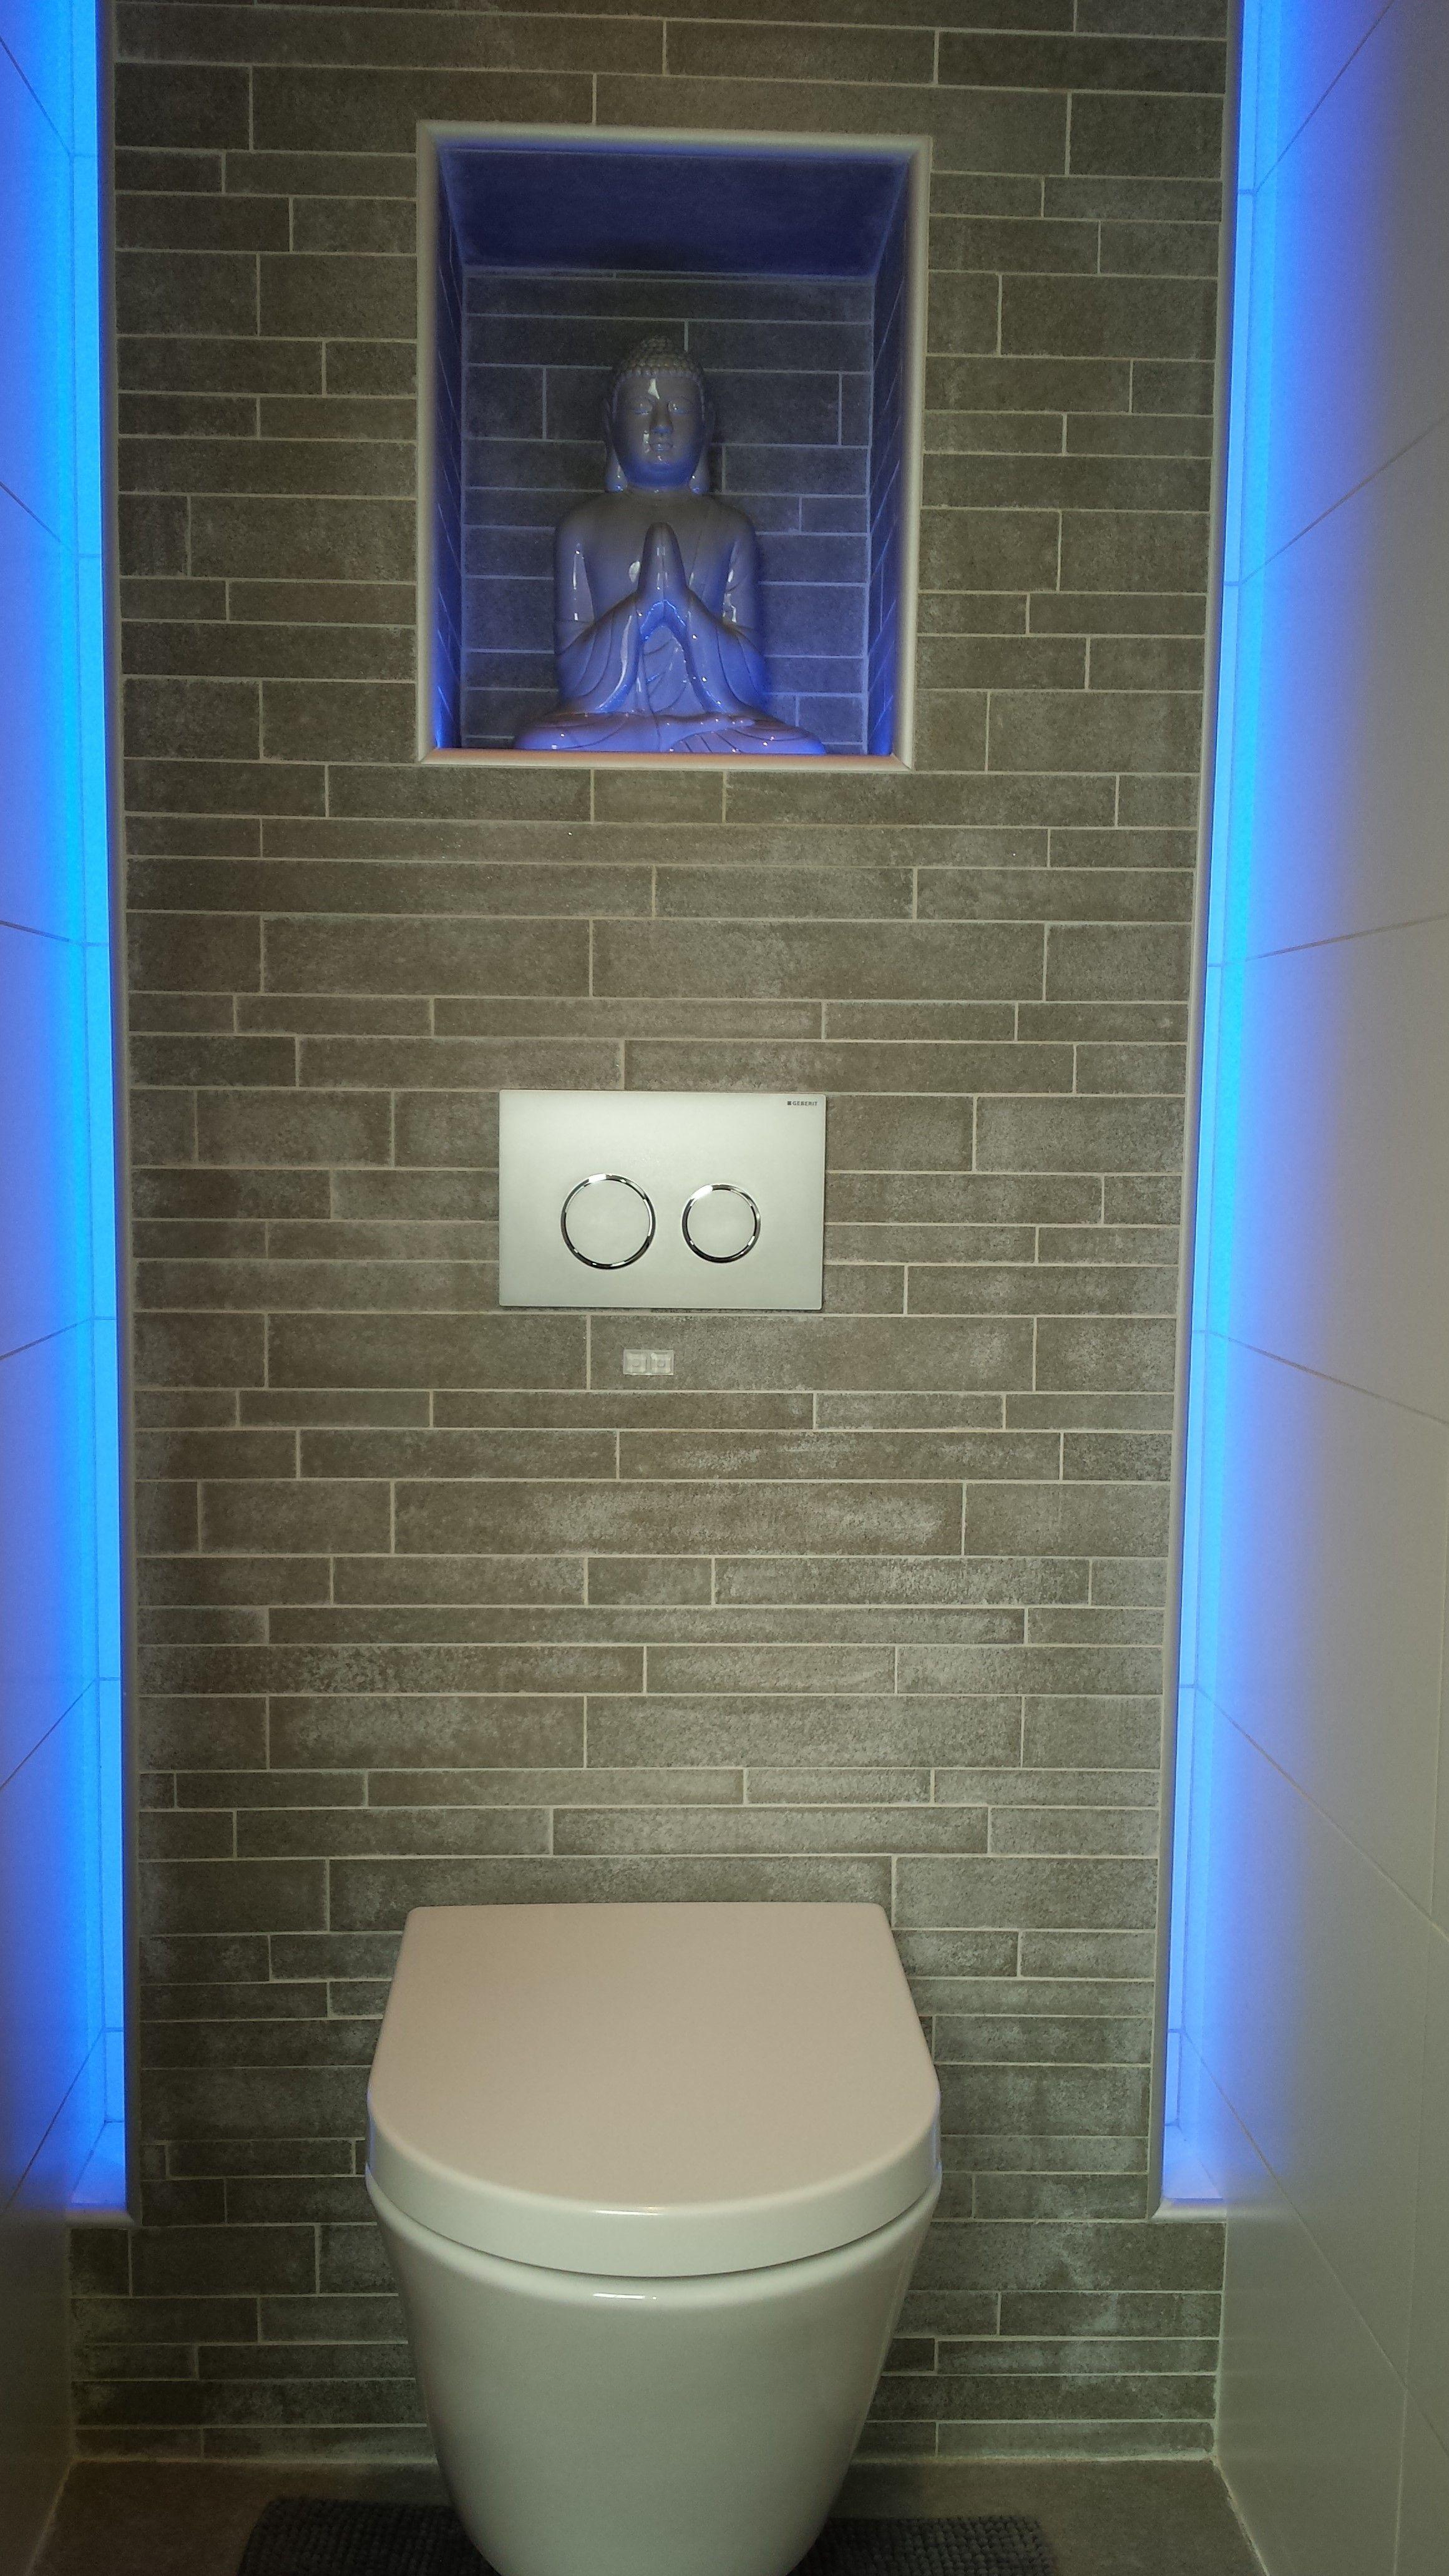 Toilet met nis in achterwand google zoeken toilet pinterest zoeken google en toiletten - Idee tegel douche ...